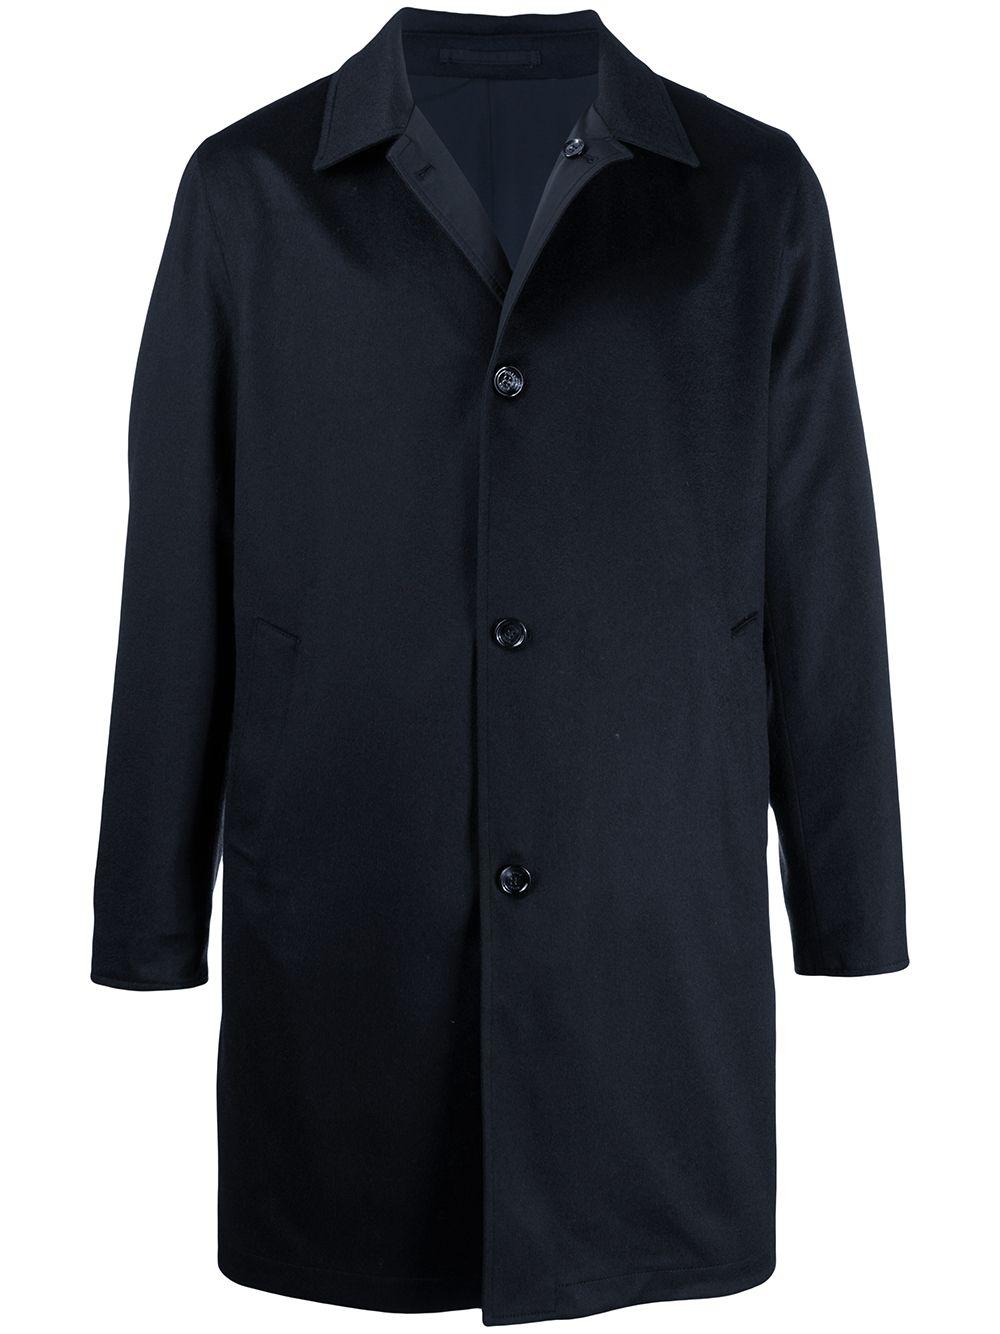 Peakc Cashmere Coat